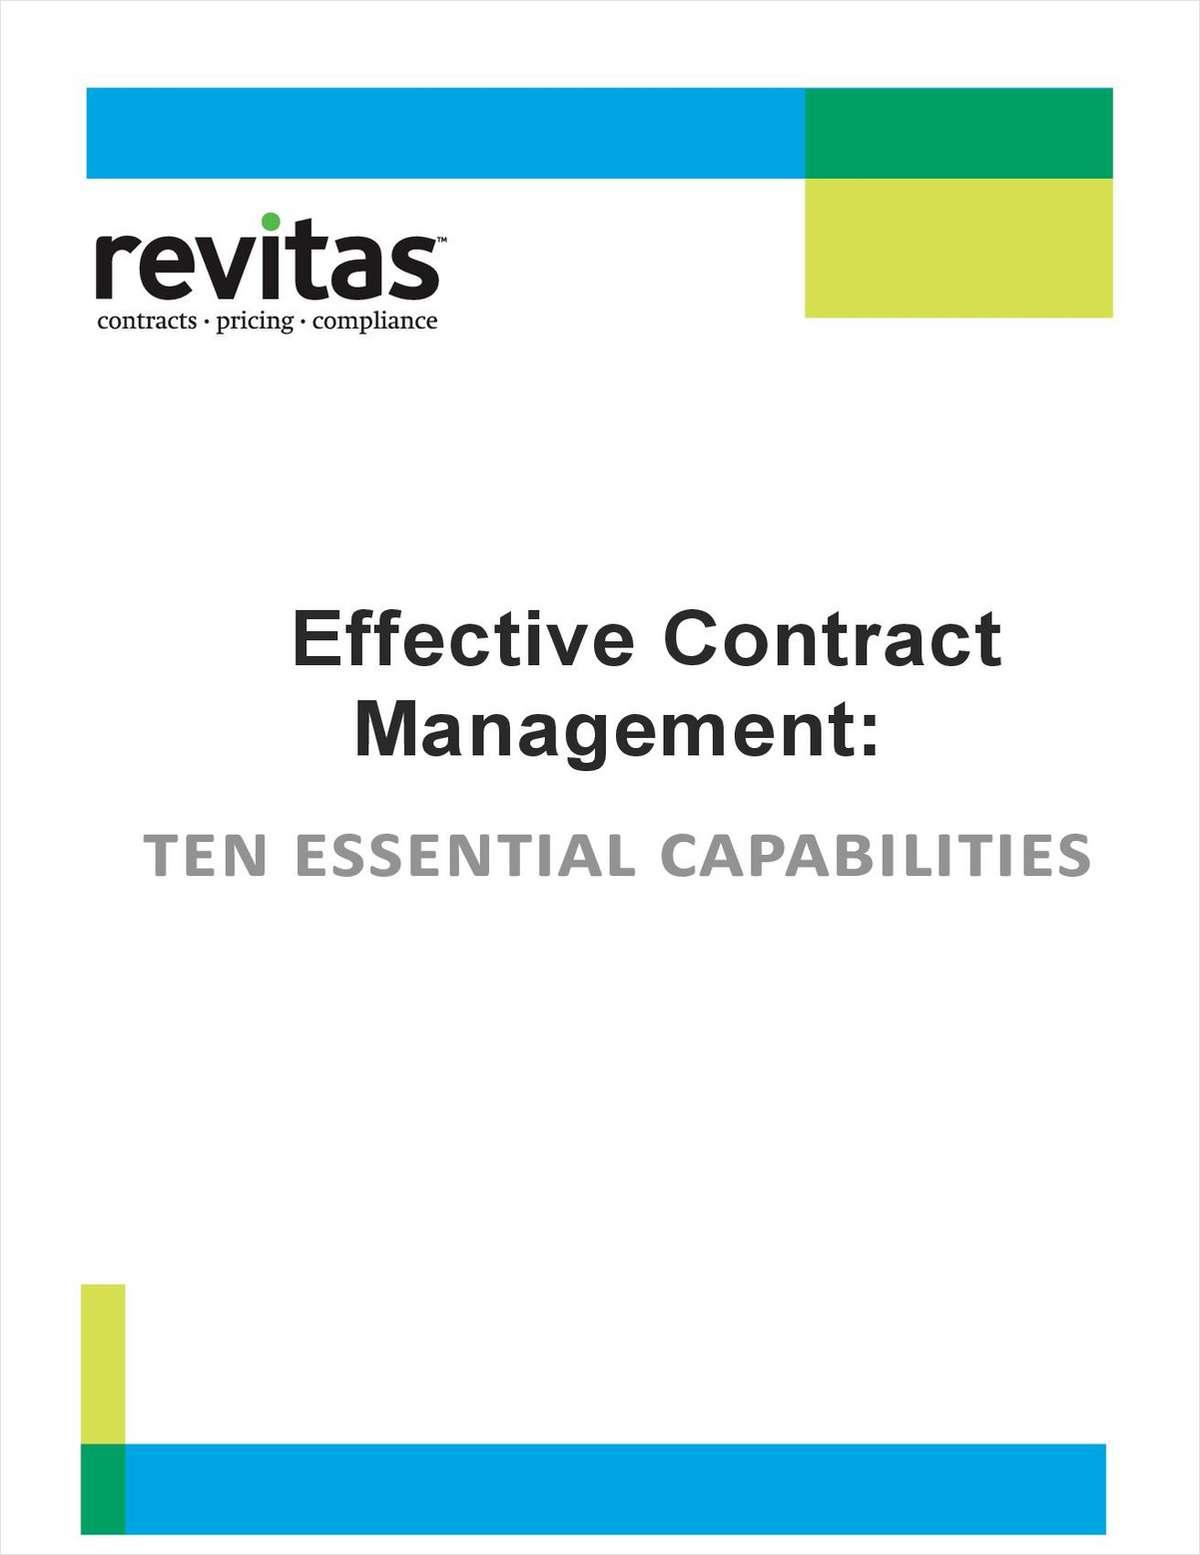 Ten Essential Capabilities for Effective Contract Management